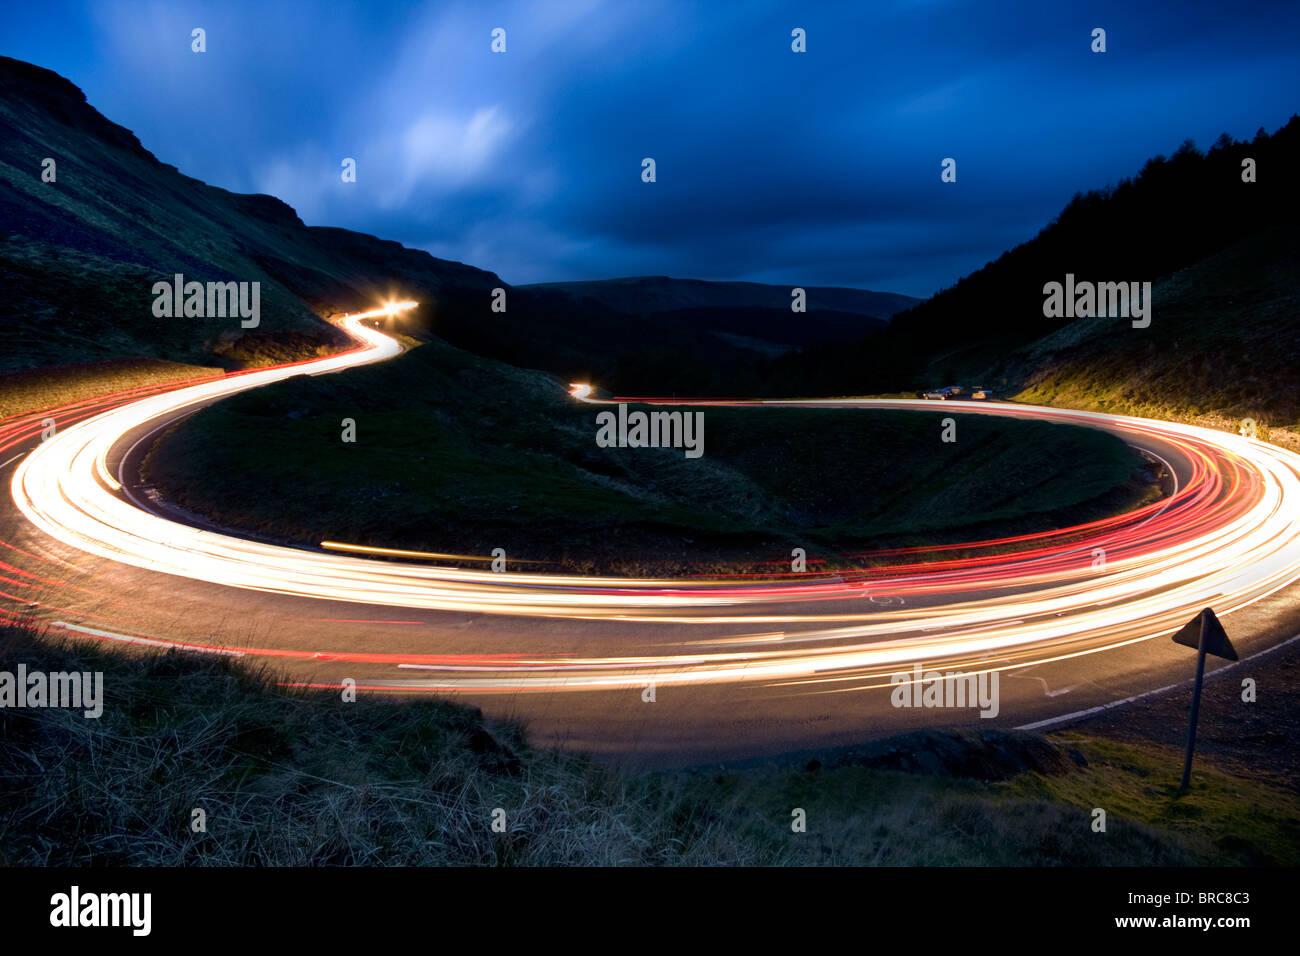 Fari di automobile trailing attorno ad un tornante con un pass mounatin nel Galles del Sud. Immagini Stock